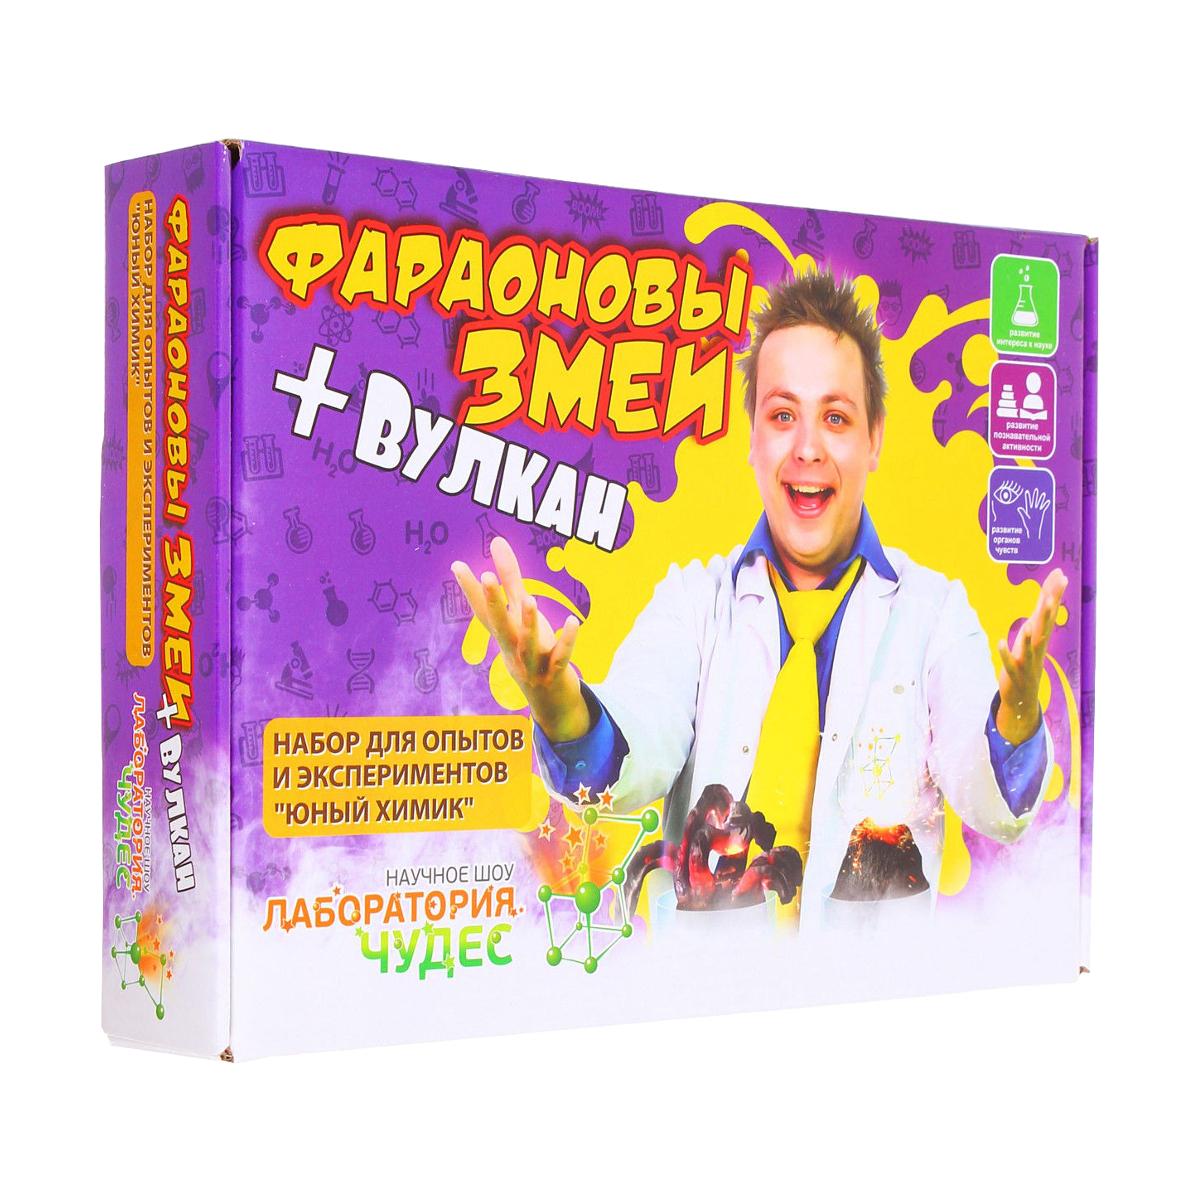 Набор «Юный химик», малый – «Фараоновы змеи+Вулкан. Опыты и эксперименты»Юный химик<br>Набор «Юный химик», малый – «Фараоновы змеи+Вулкан. Опыты и эксперименты»<br>